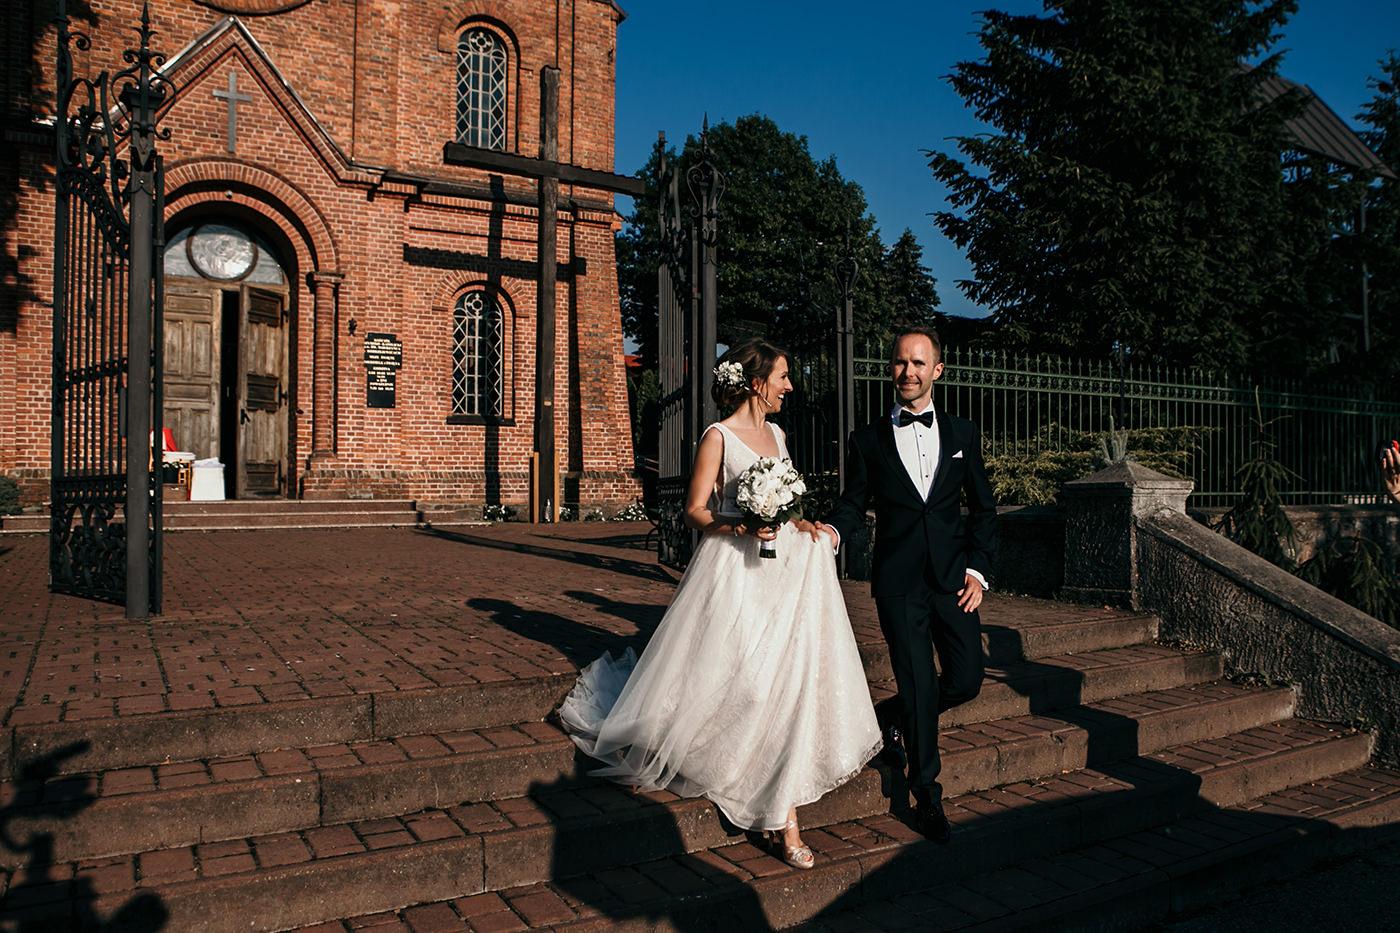 Rustykalne wesele - Magnoliowy Dwór 64